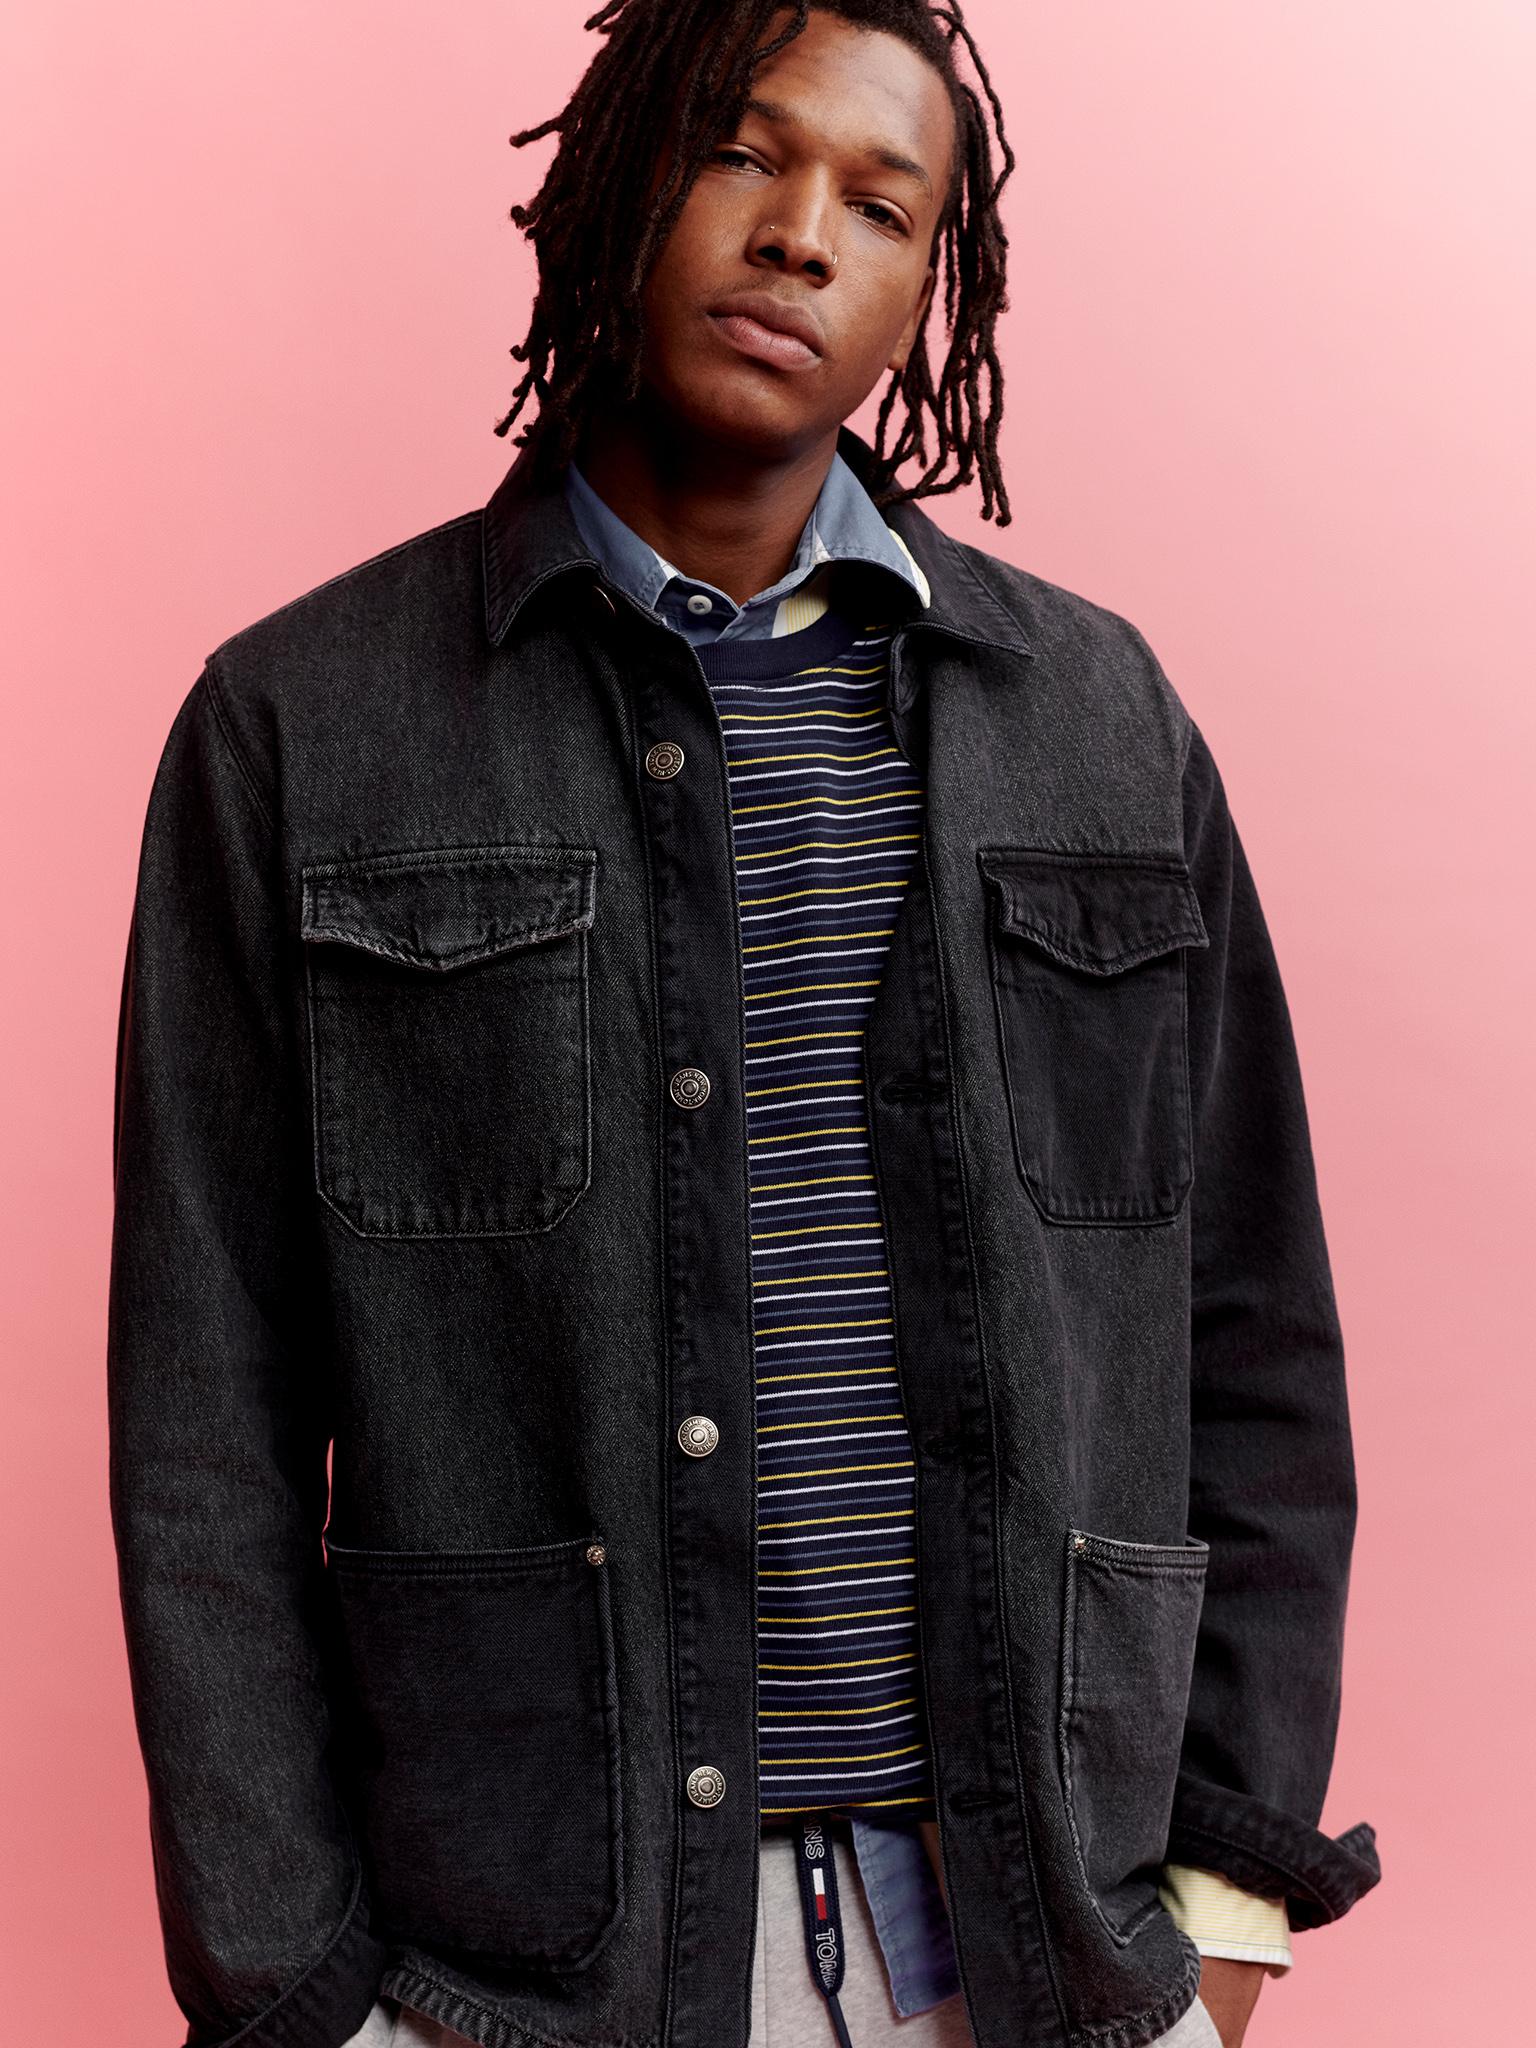 TH_Fall2019_TommyJeans_Lookbook_Look_05.jpg